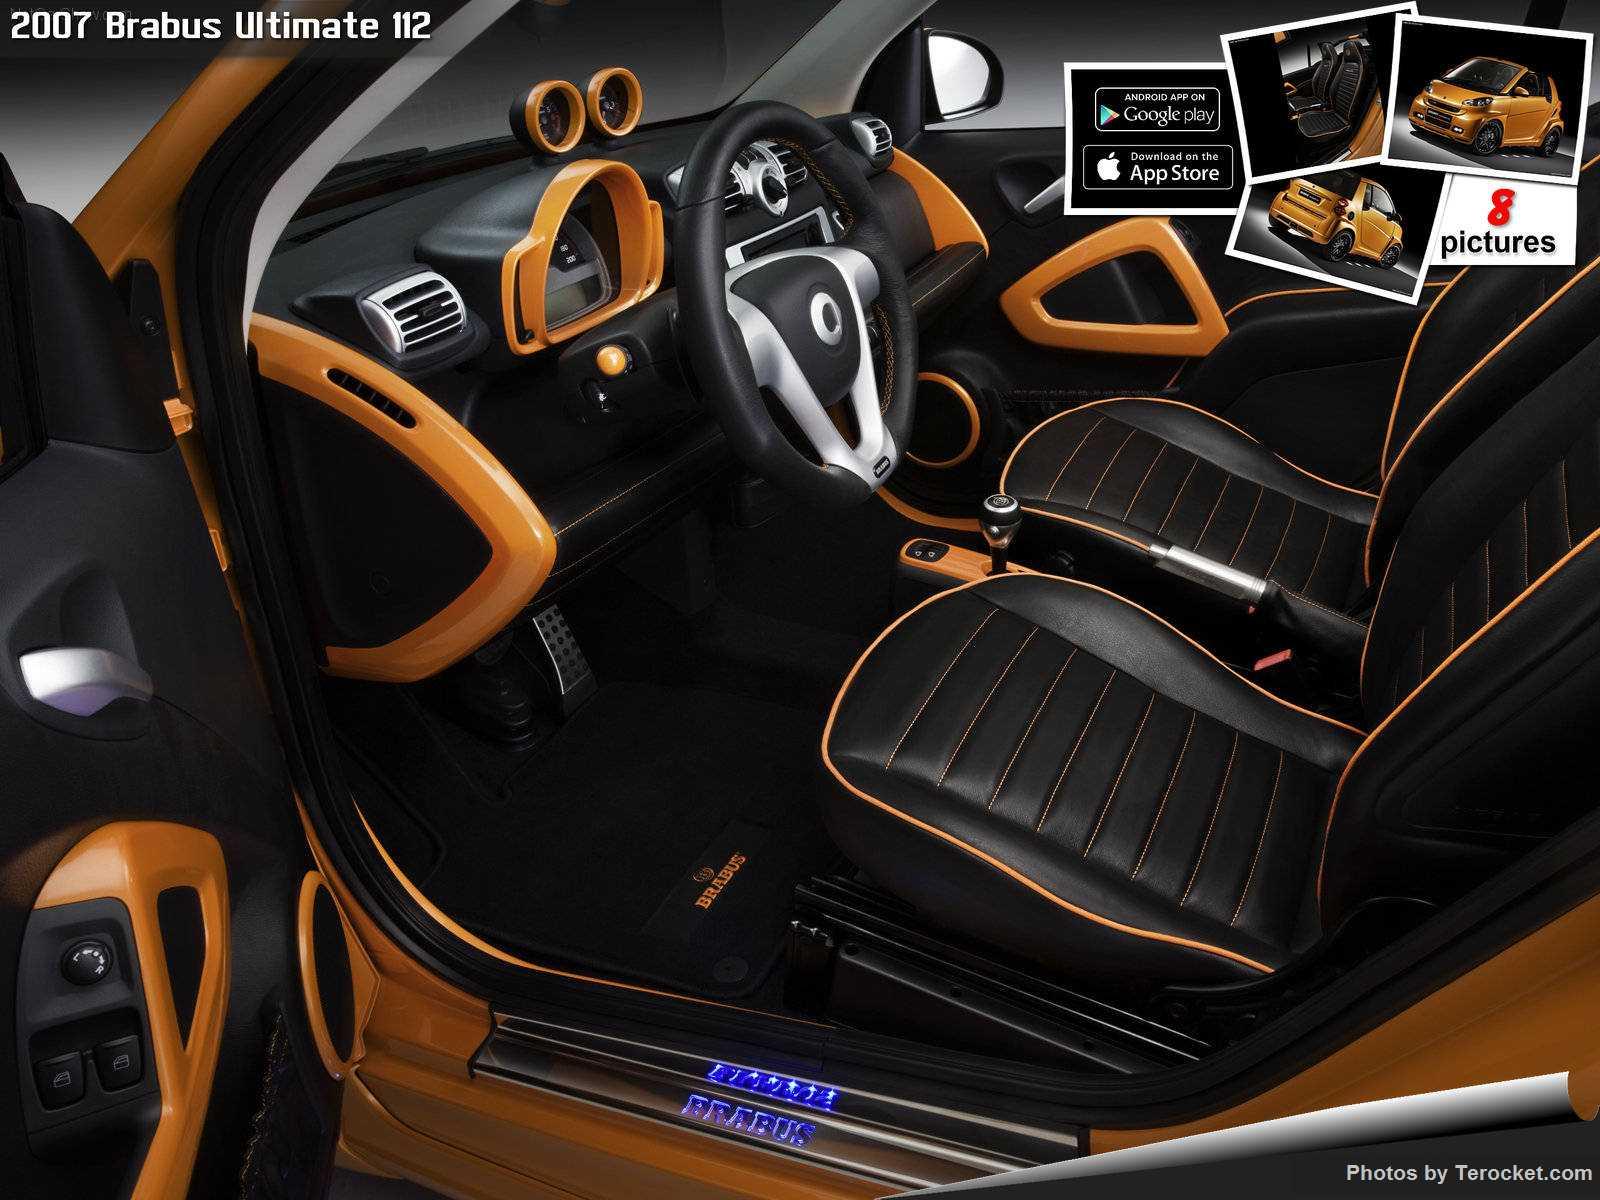 Hình ảnh xe ô tô Brabus Ultimate 112 2007 & nội ngoại thất